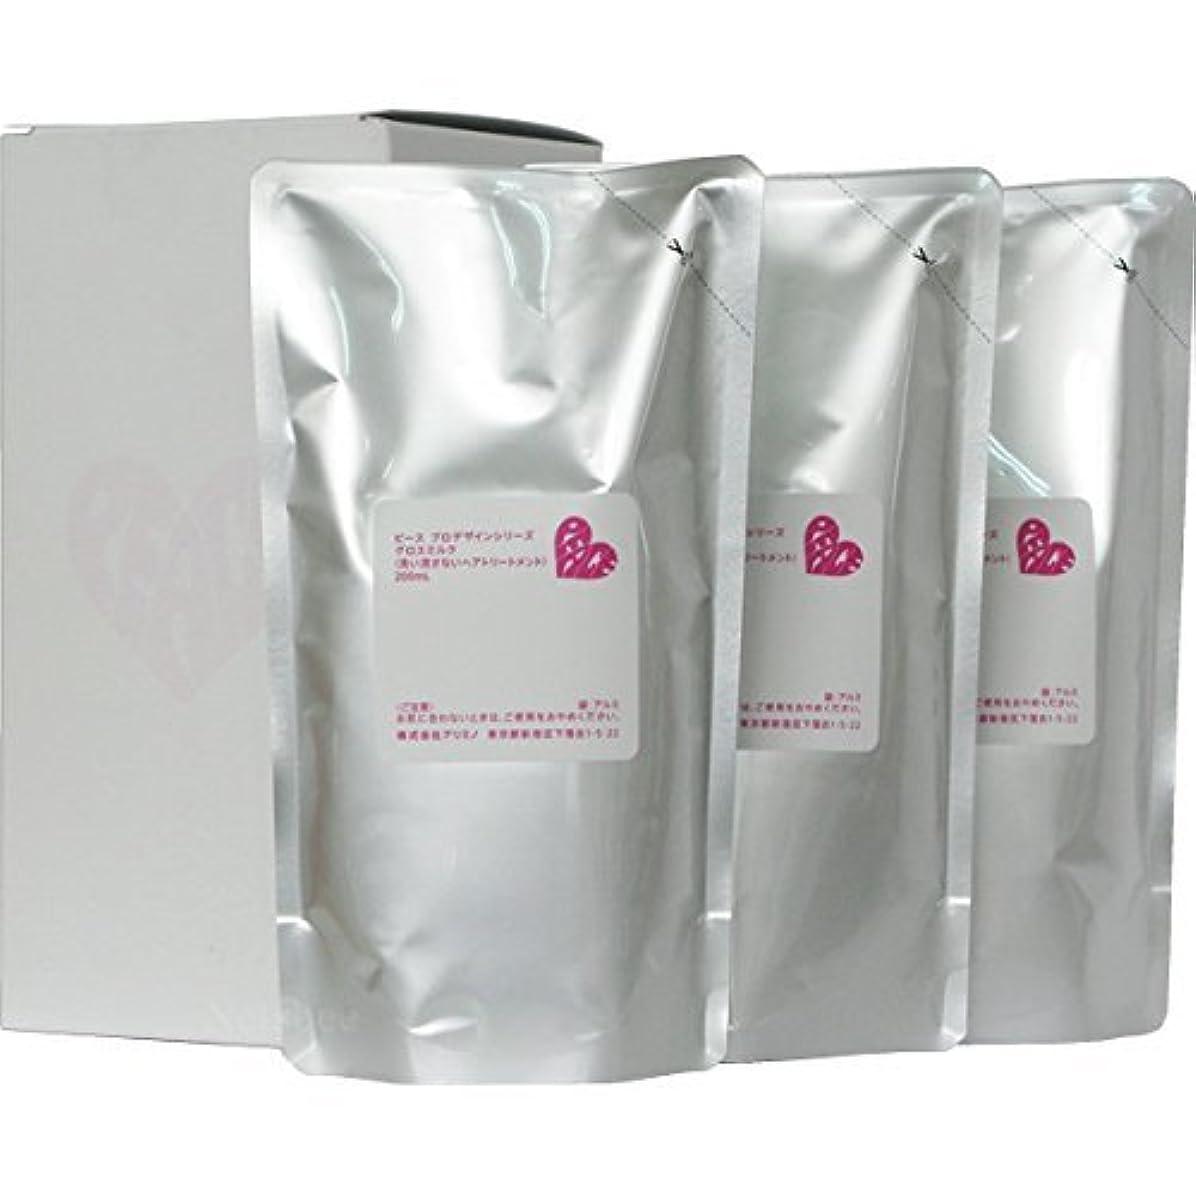 お互い支給八百屋ピース プロデザインシリーズ グロスミルク ホワイト リフィル 200ml×3